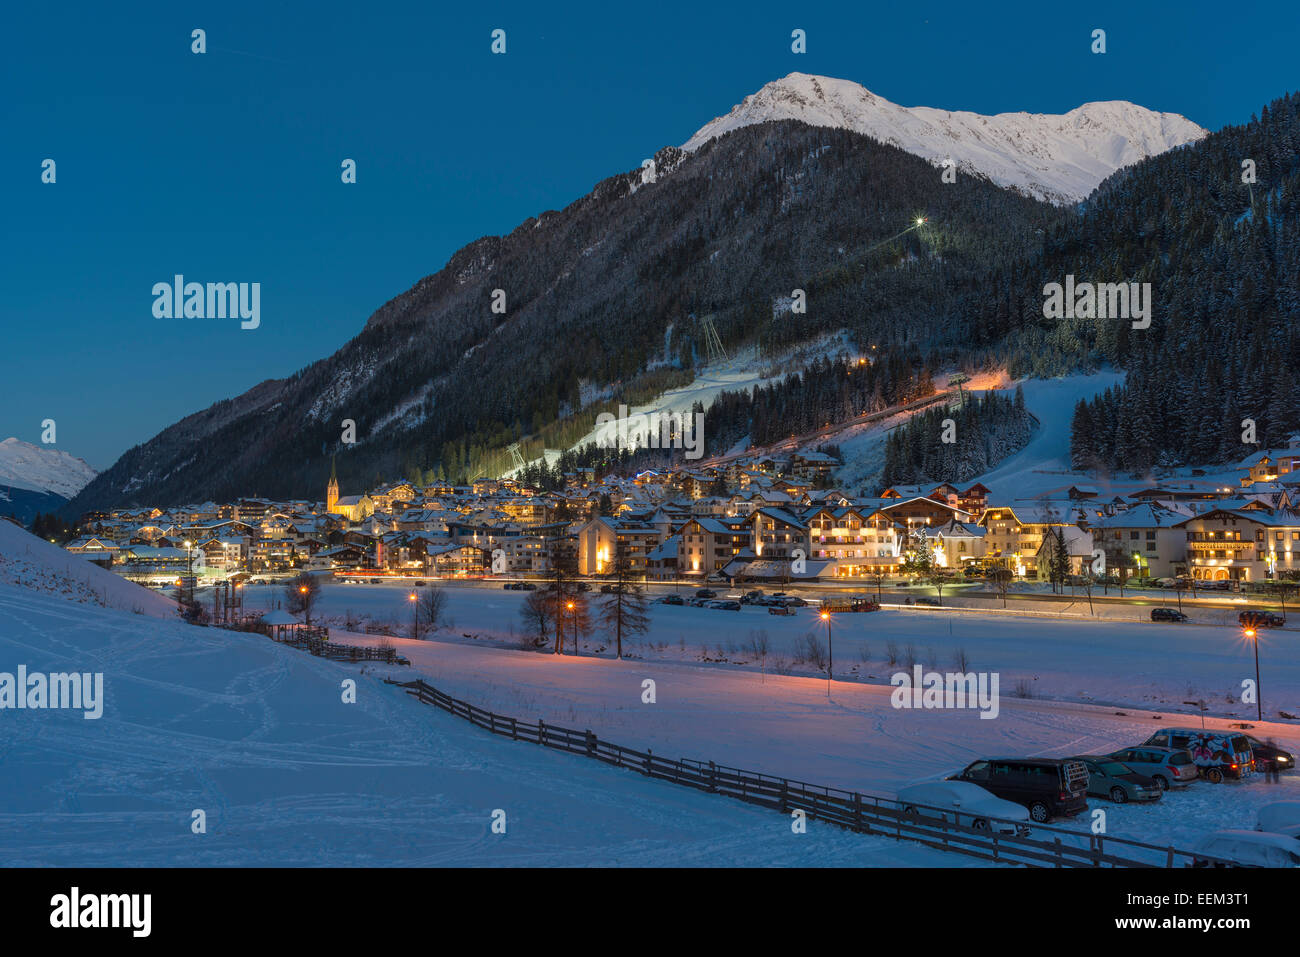 Vista de Ischgl, centro de deportes de invierno durante la noche, Ischgl, valle de Paznaun, Tirol, Austria Imagen De Stock